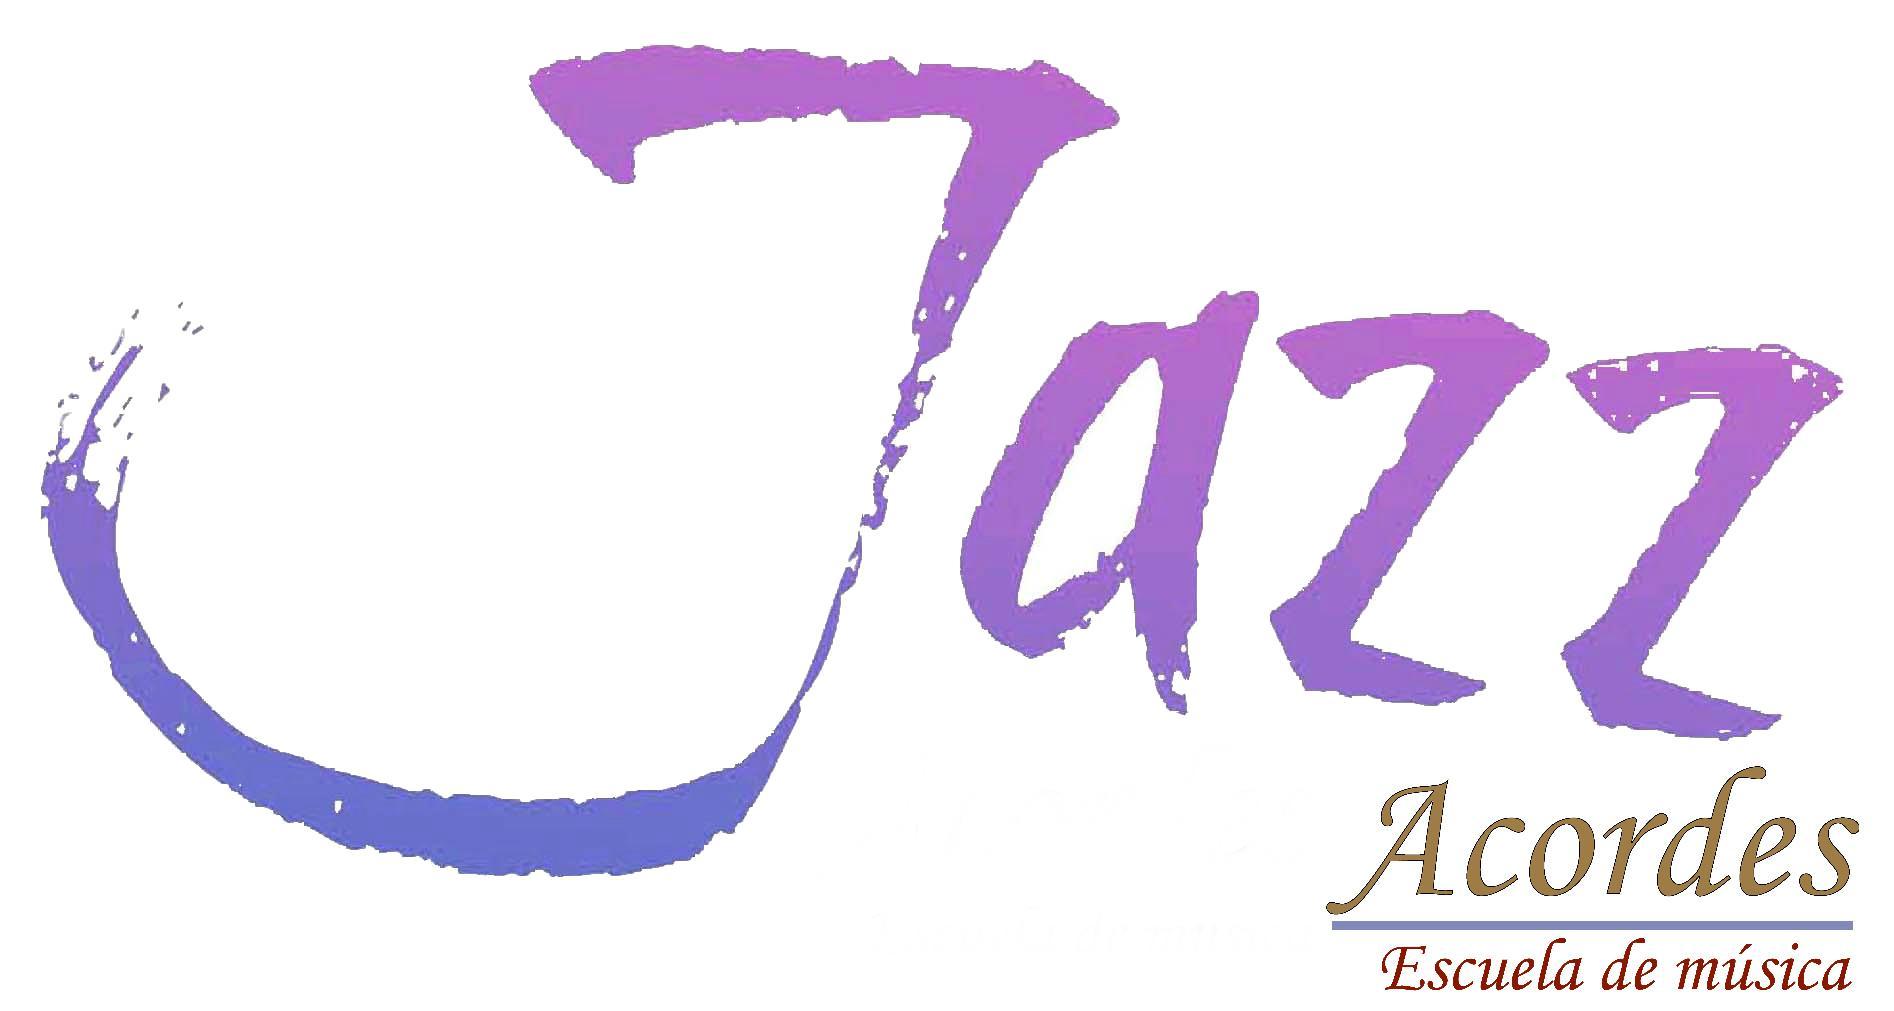 Cursos de Jazz en Acordes